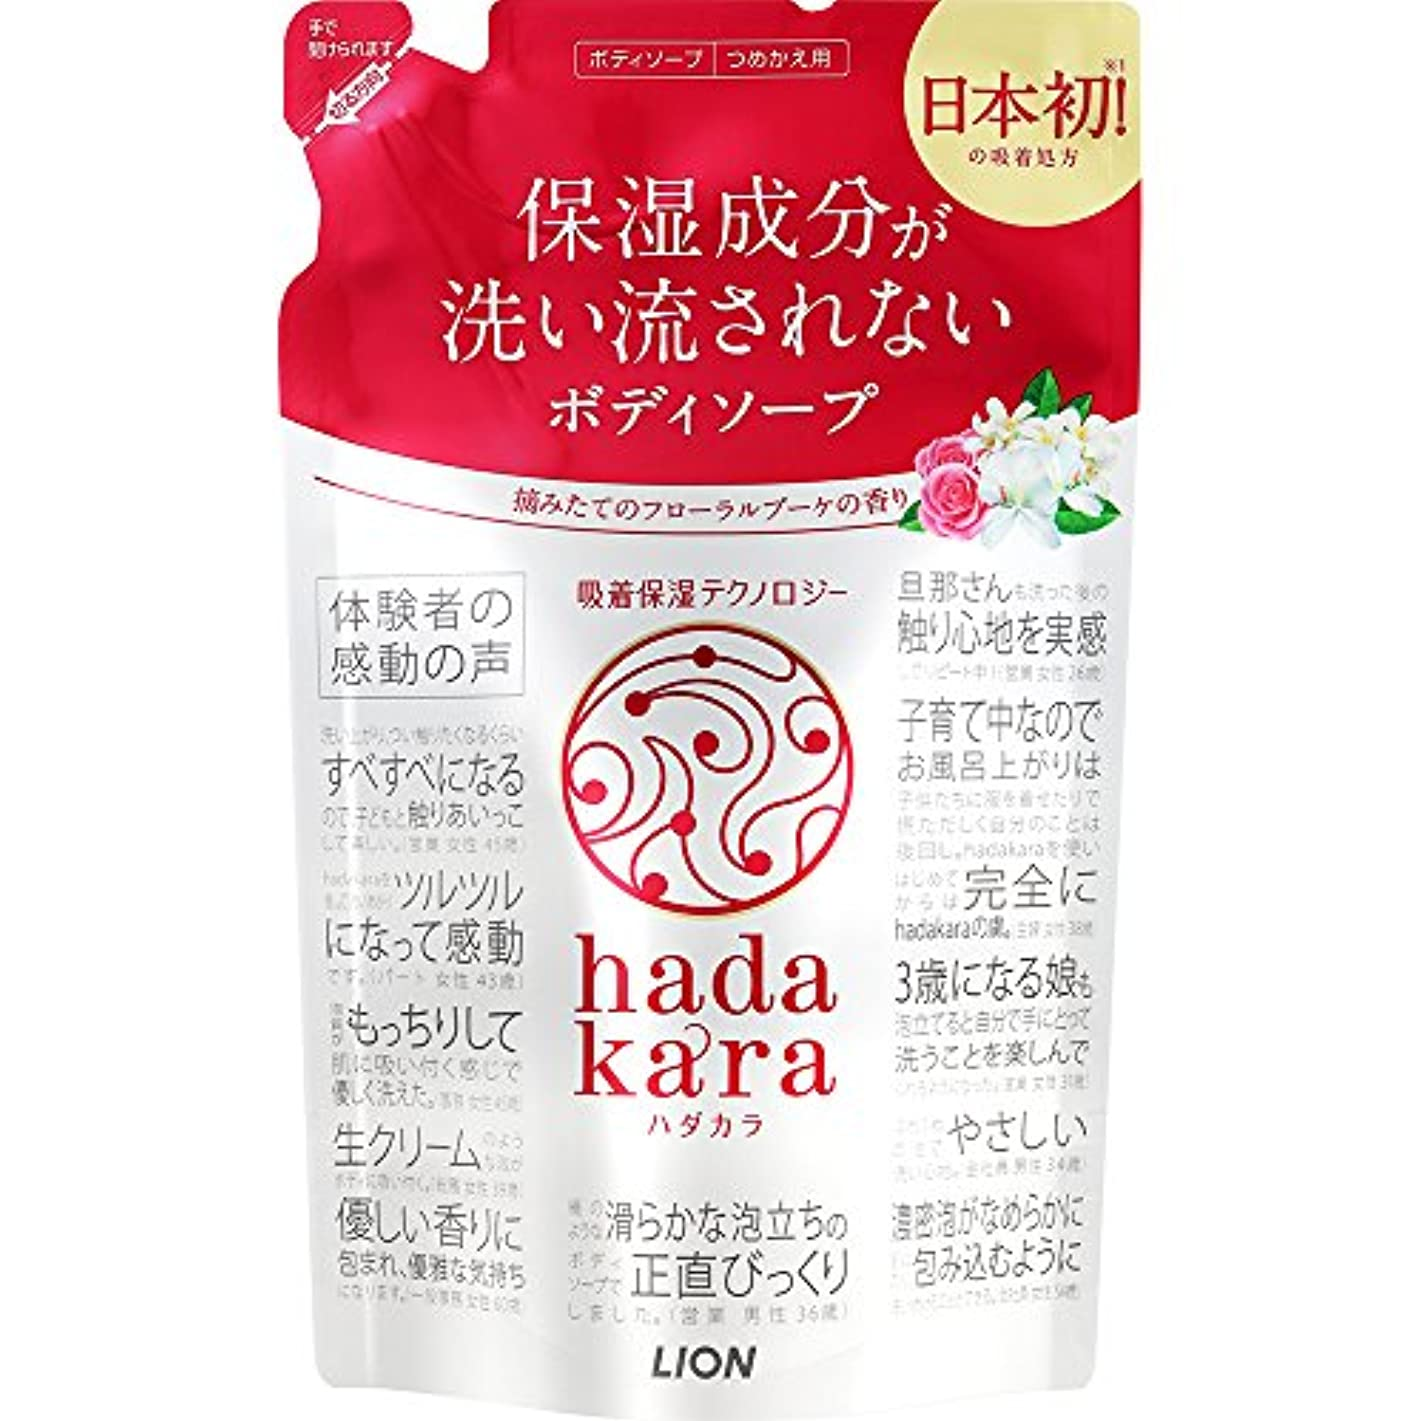 人気バージン笑hadakara(ハダカラ) ボディソープ フローラルブーケの香り 詰め替え 360ml